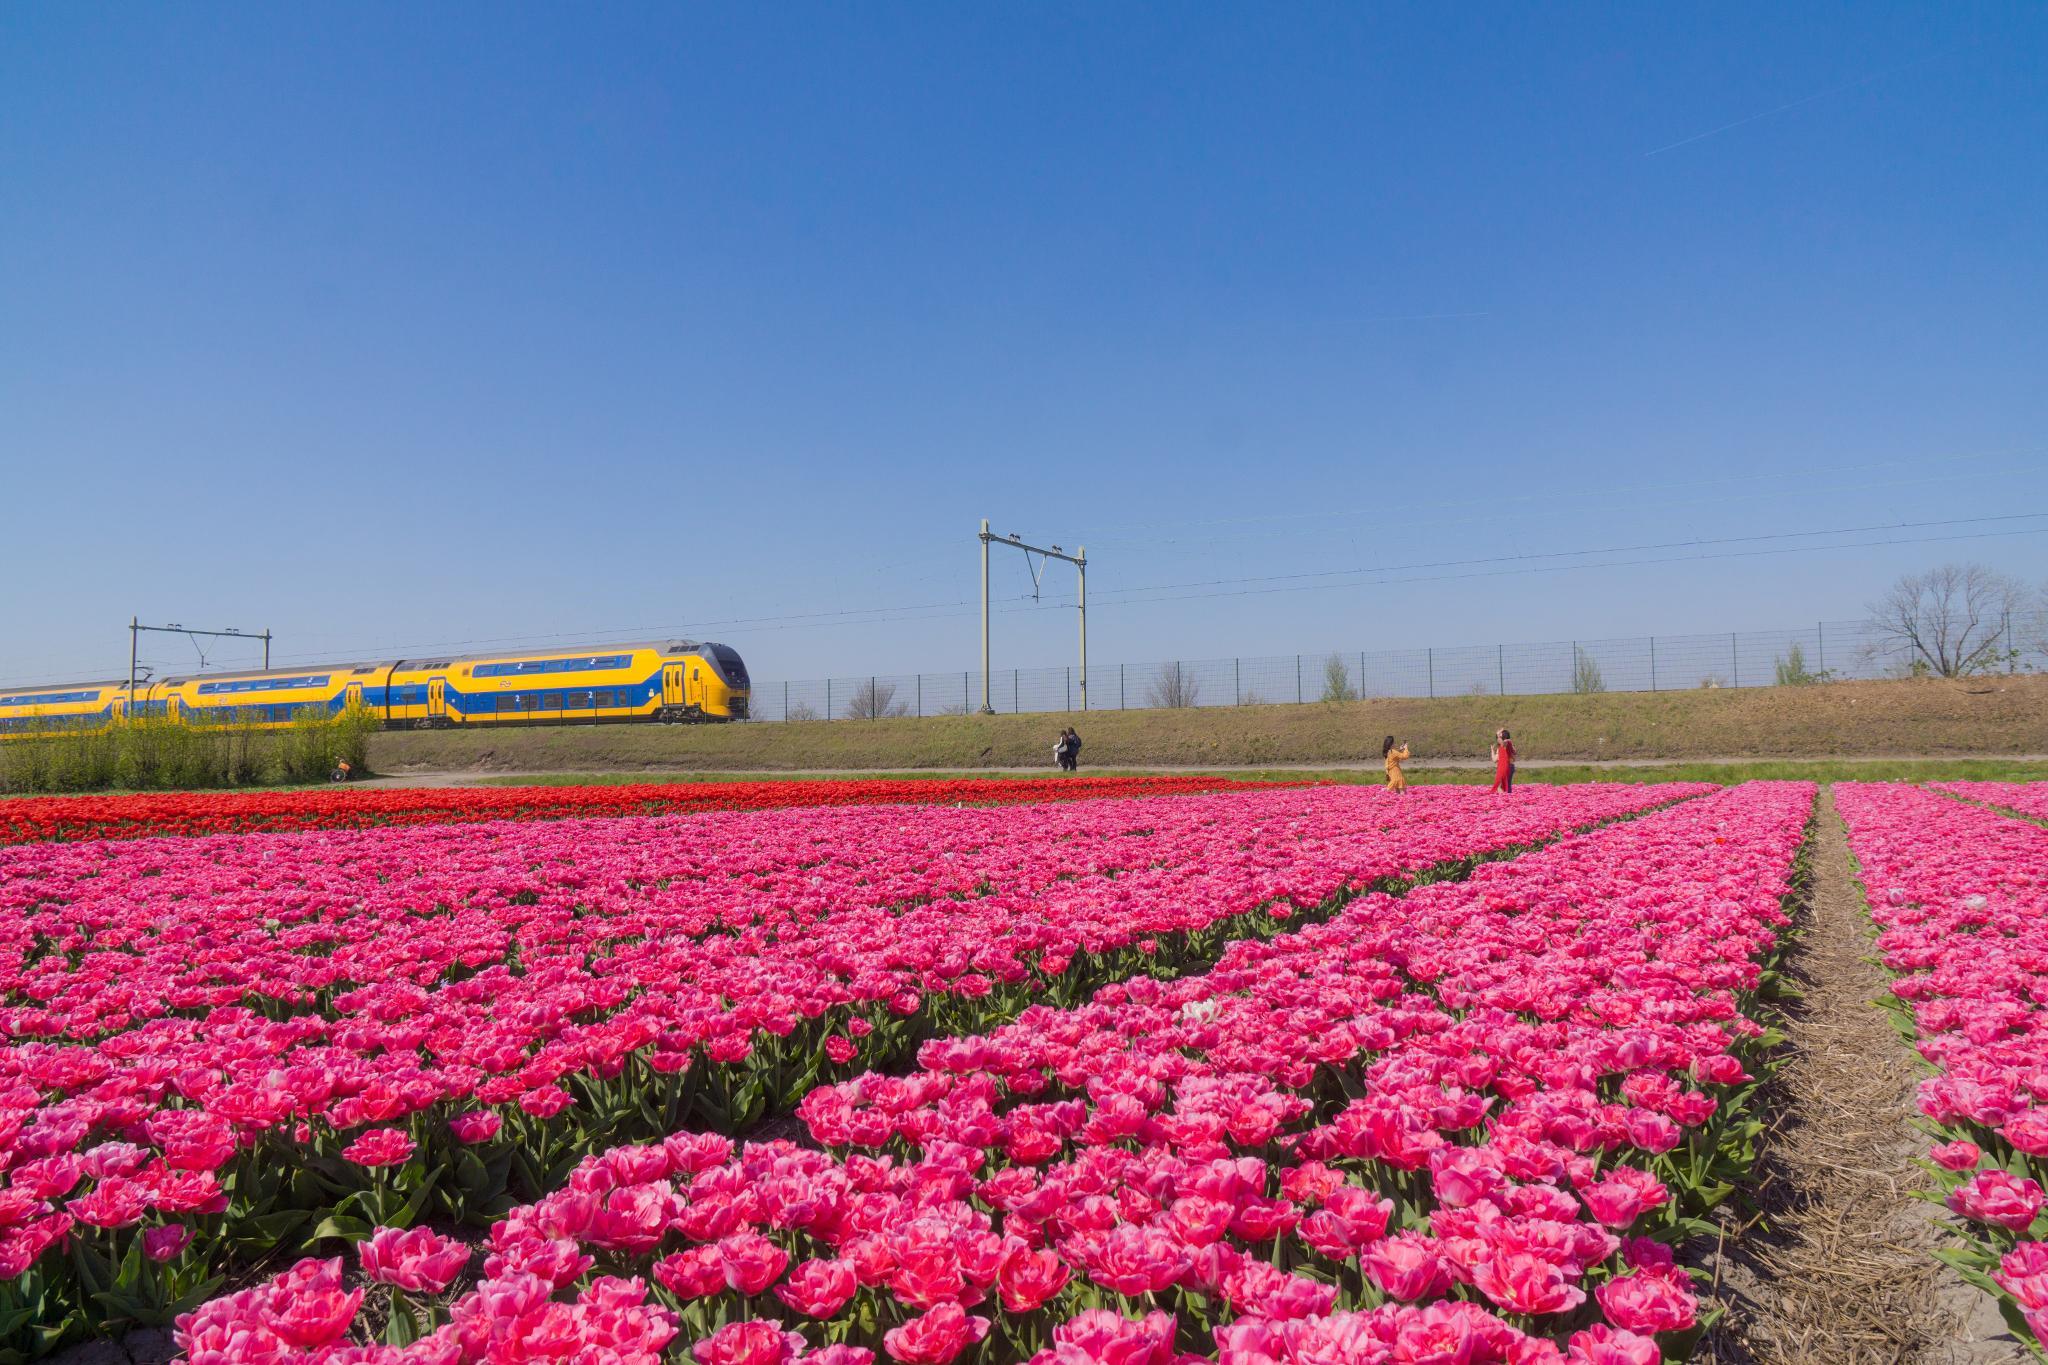 【荷蘭印象】花田嬉事:荷蘭單車花之路 14